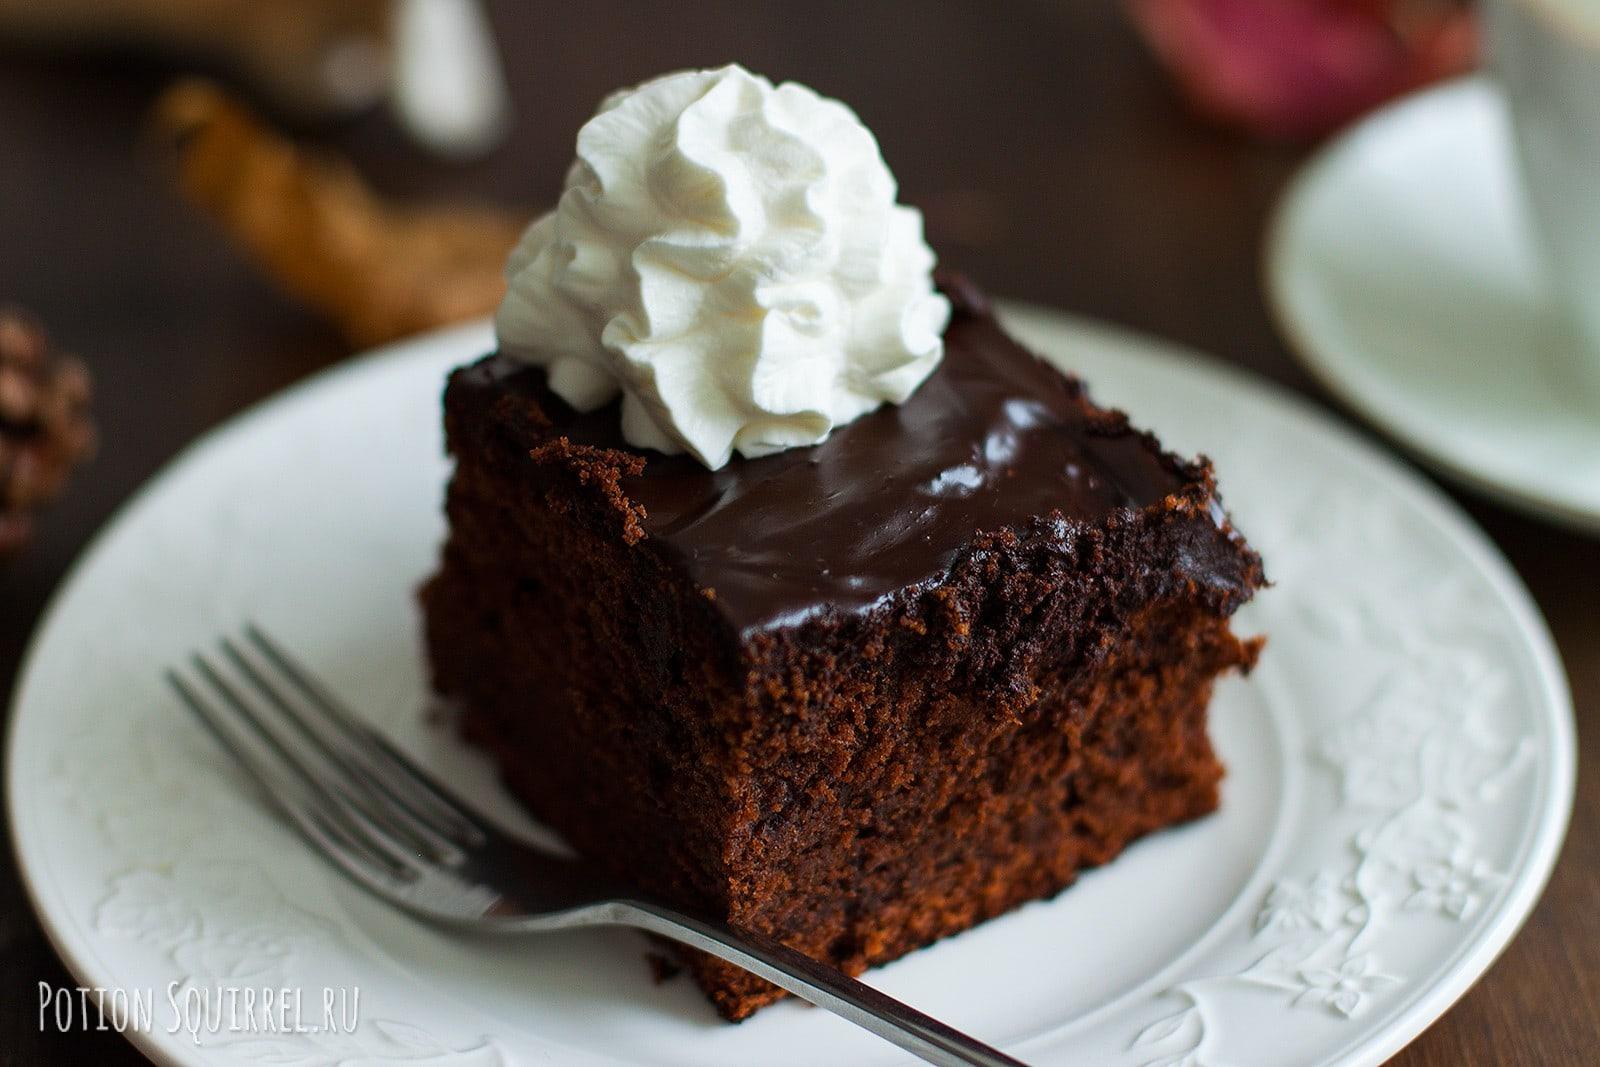 Шоколадный пирог, рецепт с апельсином и жидким медом просто невероятен! Приготовлено с любовью, фото и рецепт от potionsquirrel.ru